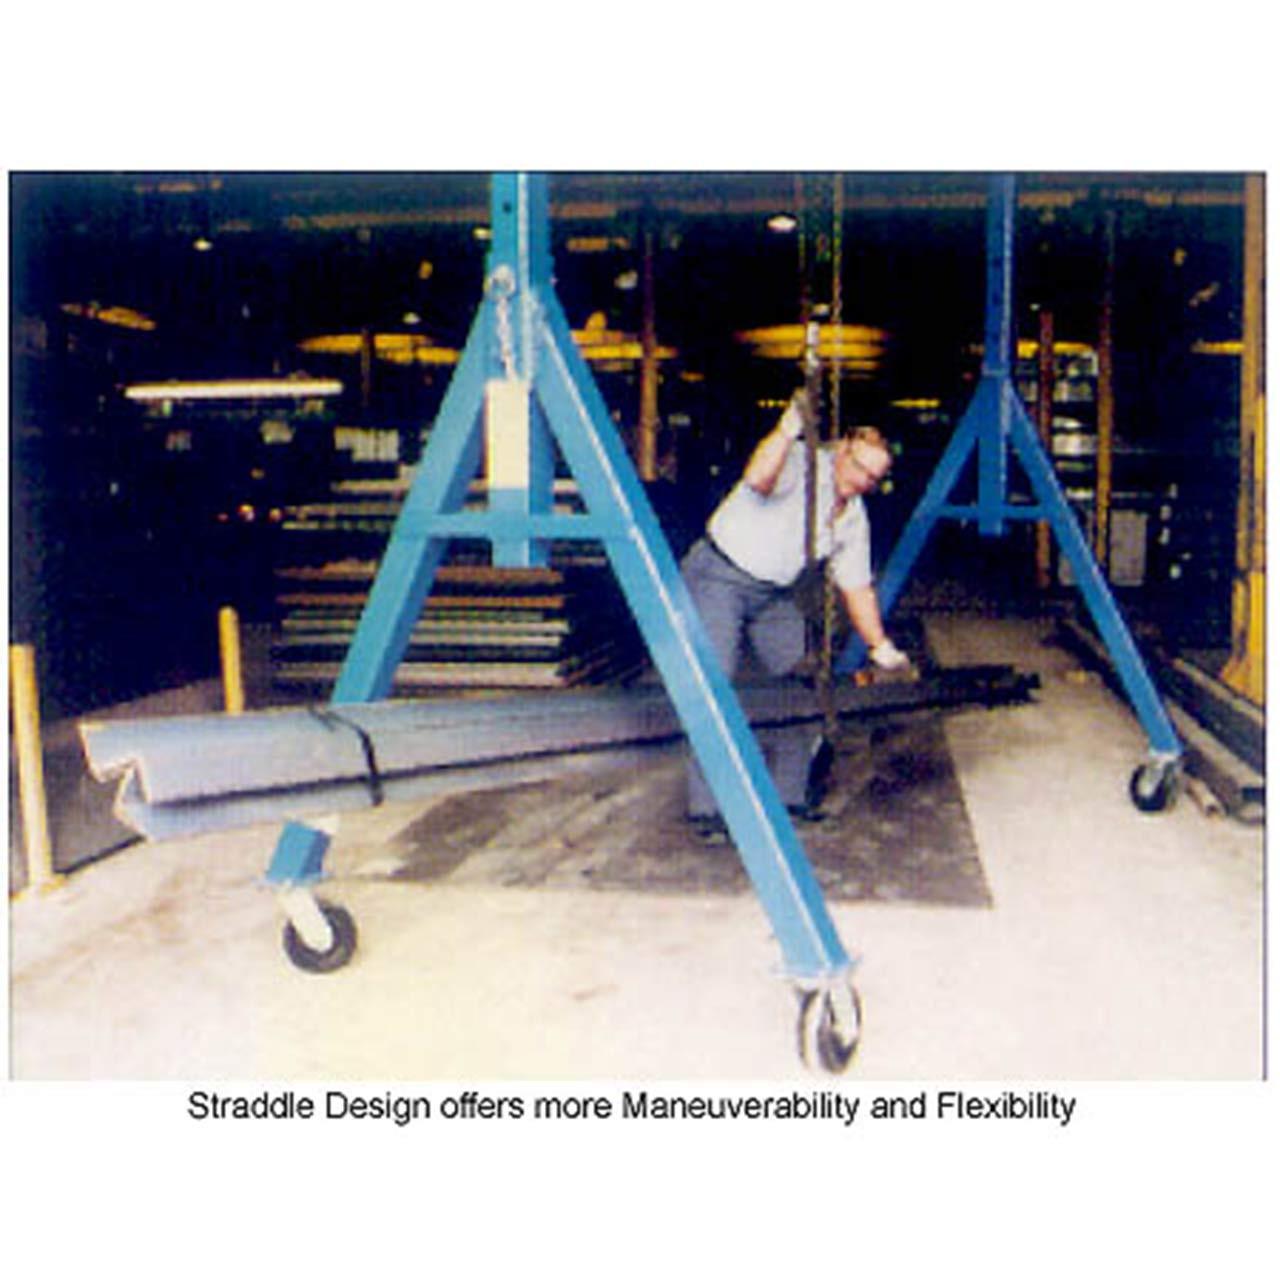 Adjustable Height Steel Gantry Crane In Action